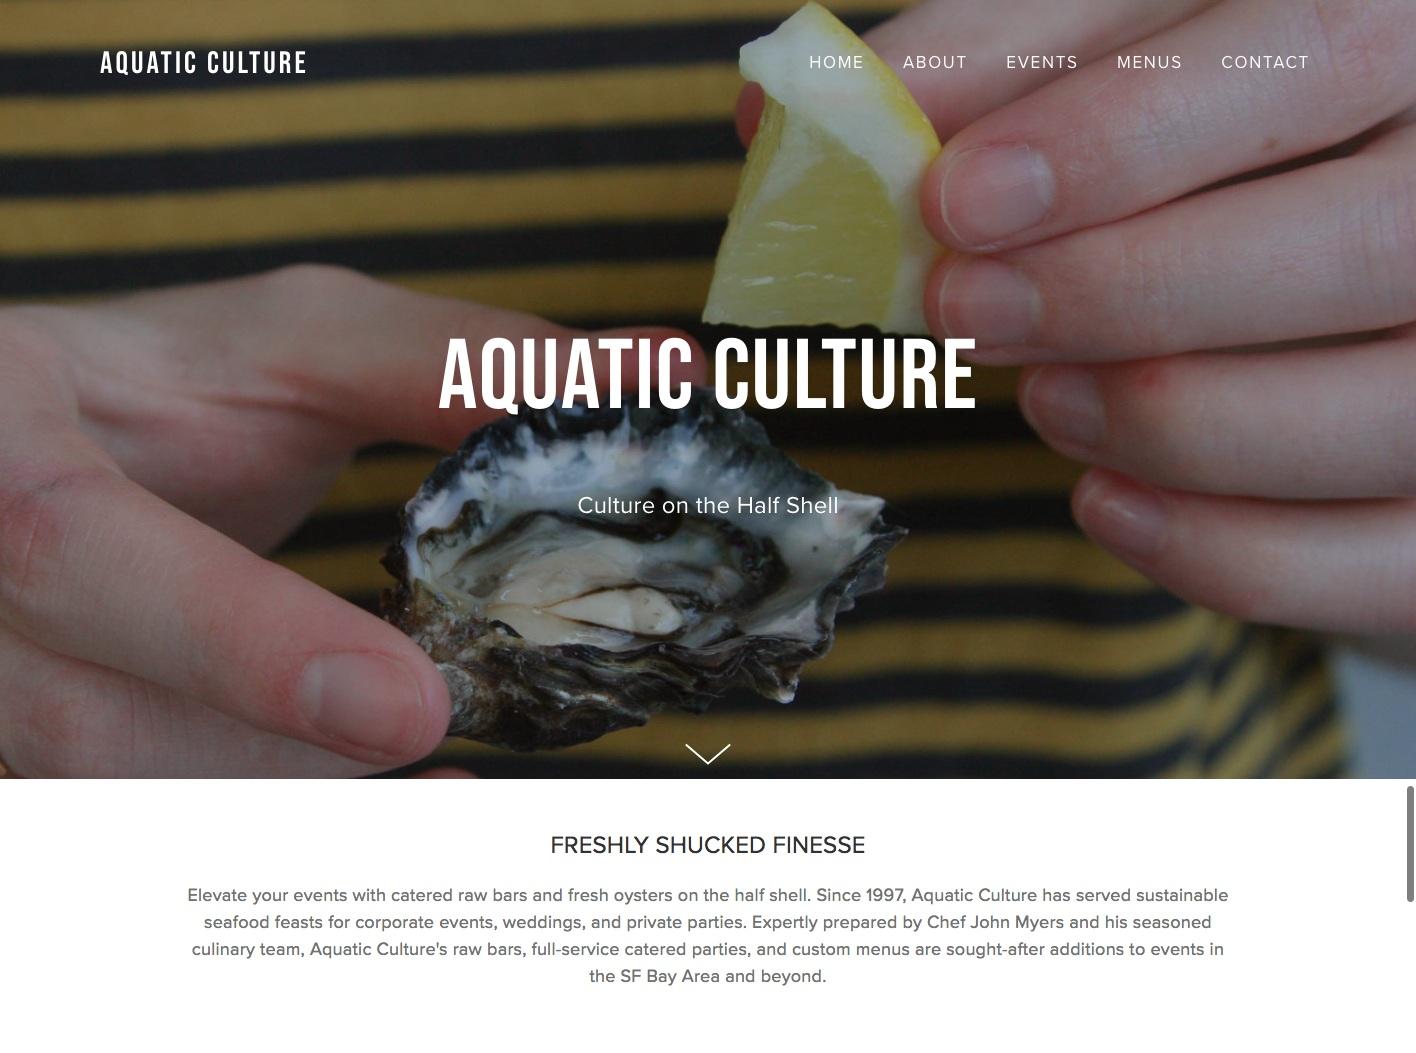 Aquatic Culture Events homepage